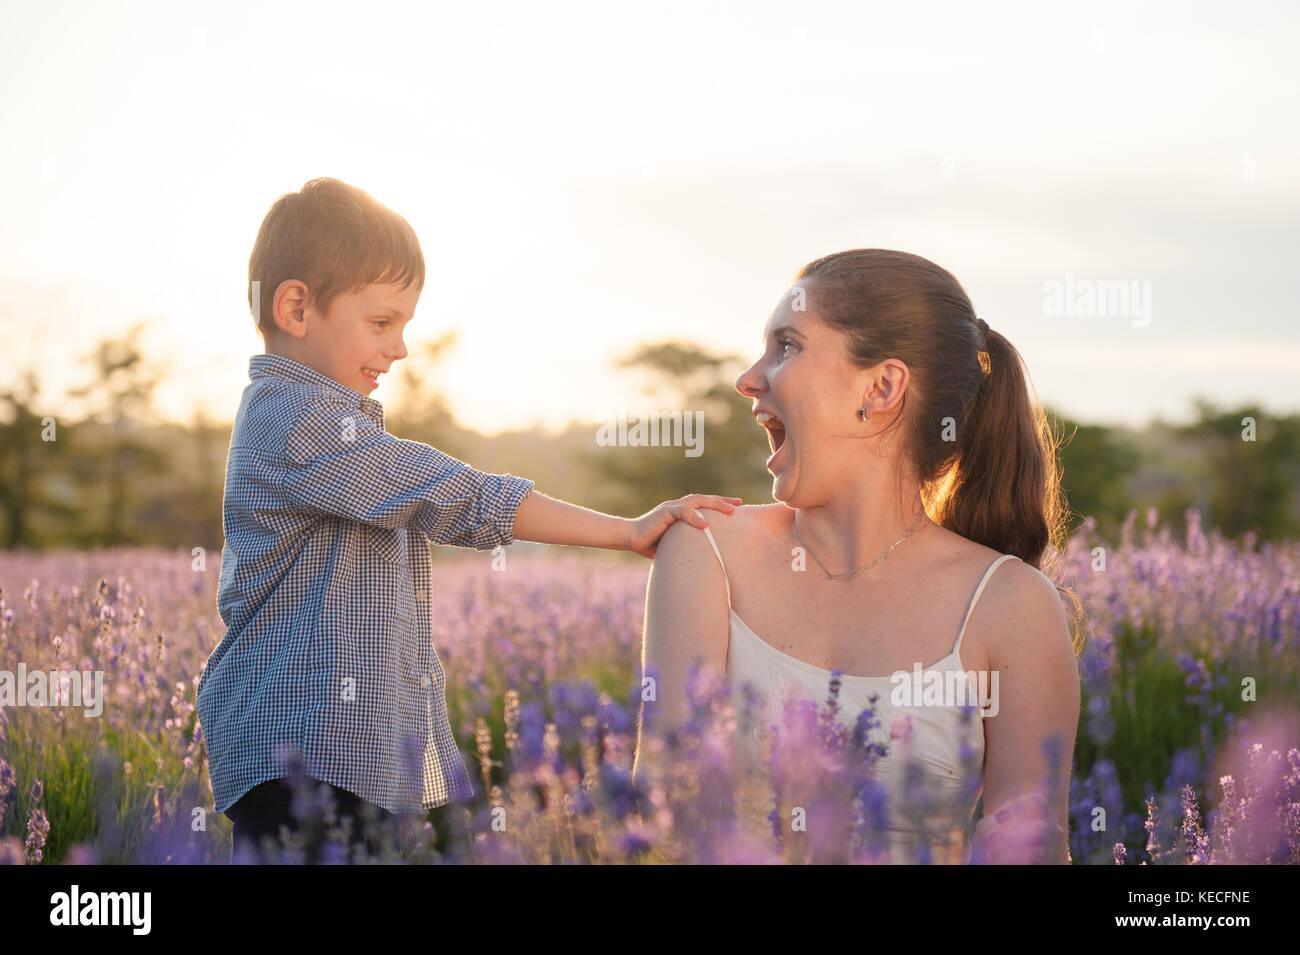 Emotionale schönen Mutter und Sohn ihre Schulter berühren mit Zärtlichkeit auf die Lila lavendel Stockbild